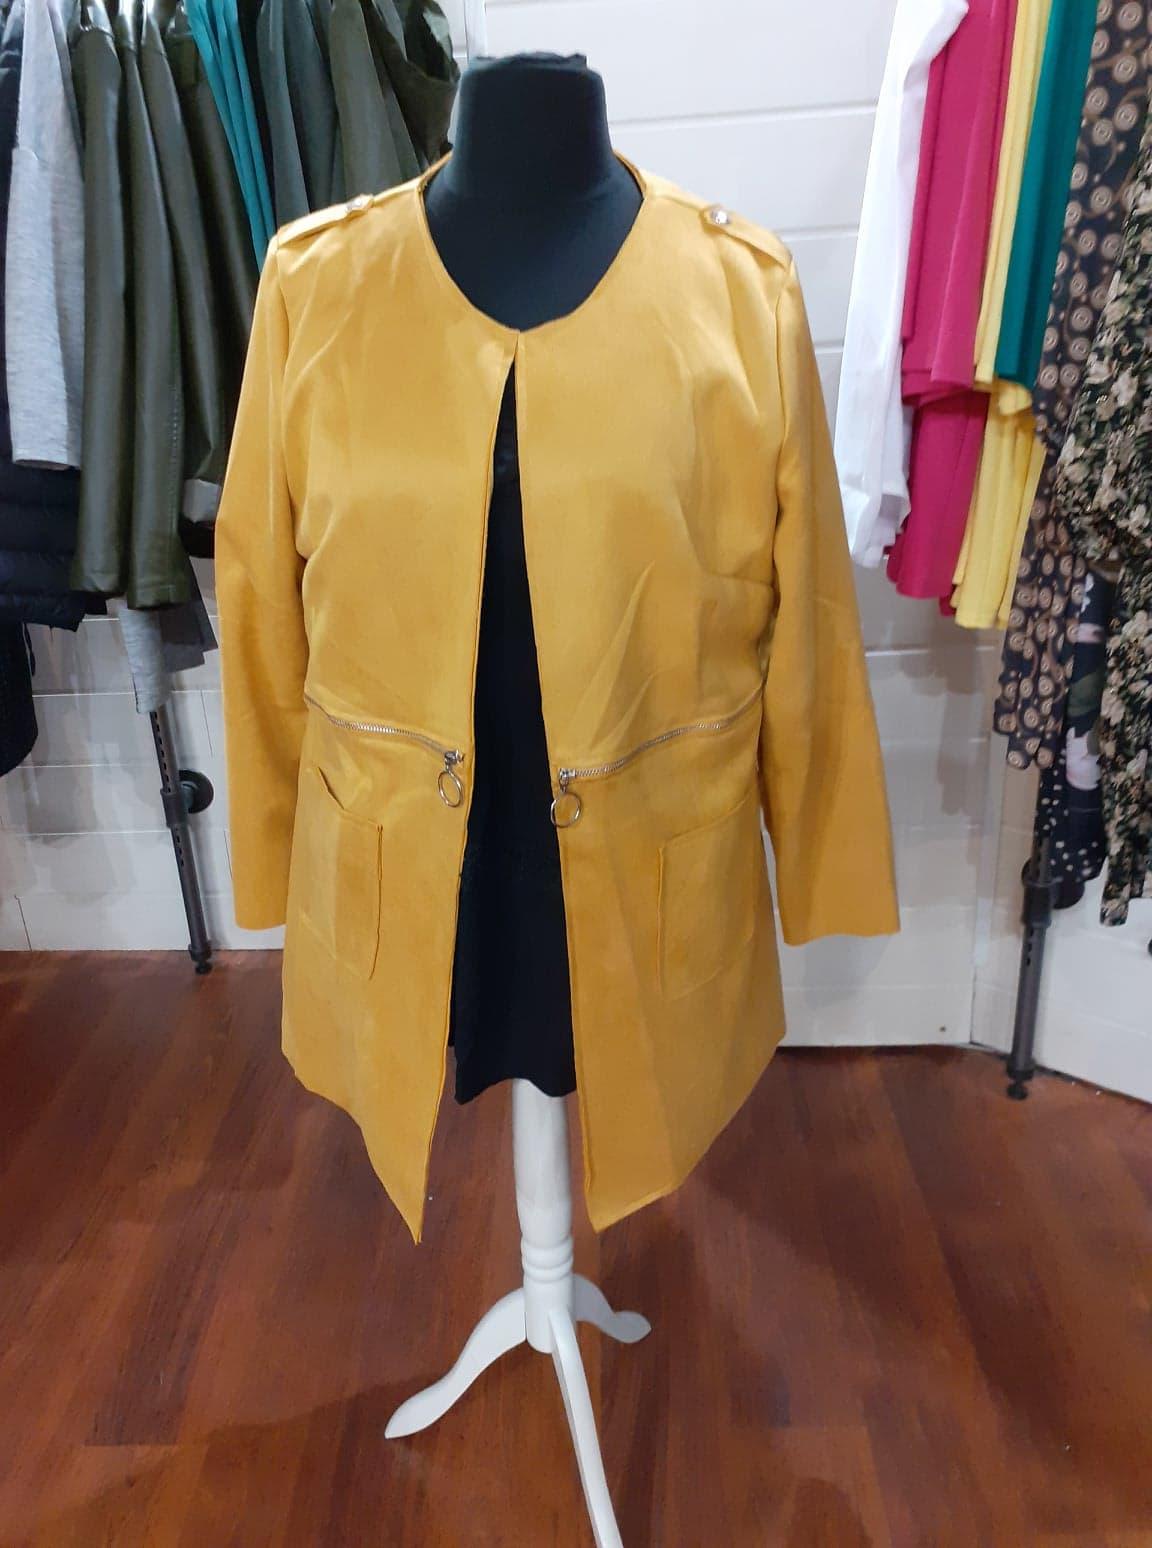 longue veste peau de peche moutarde - lon-ves-pea-pech-mou